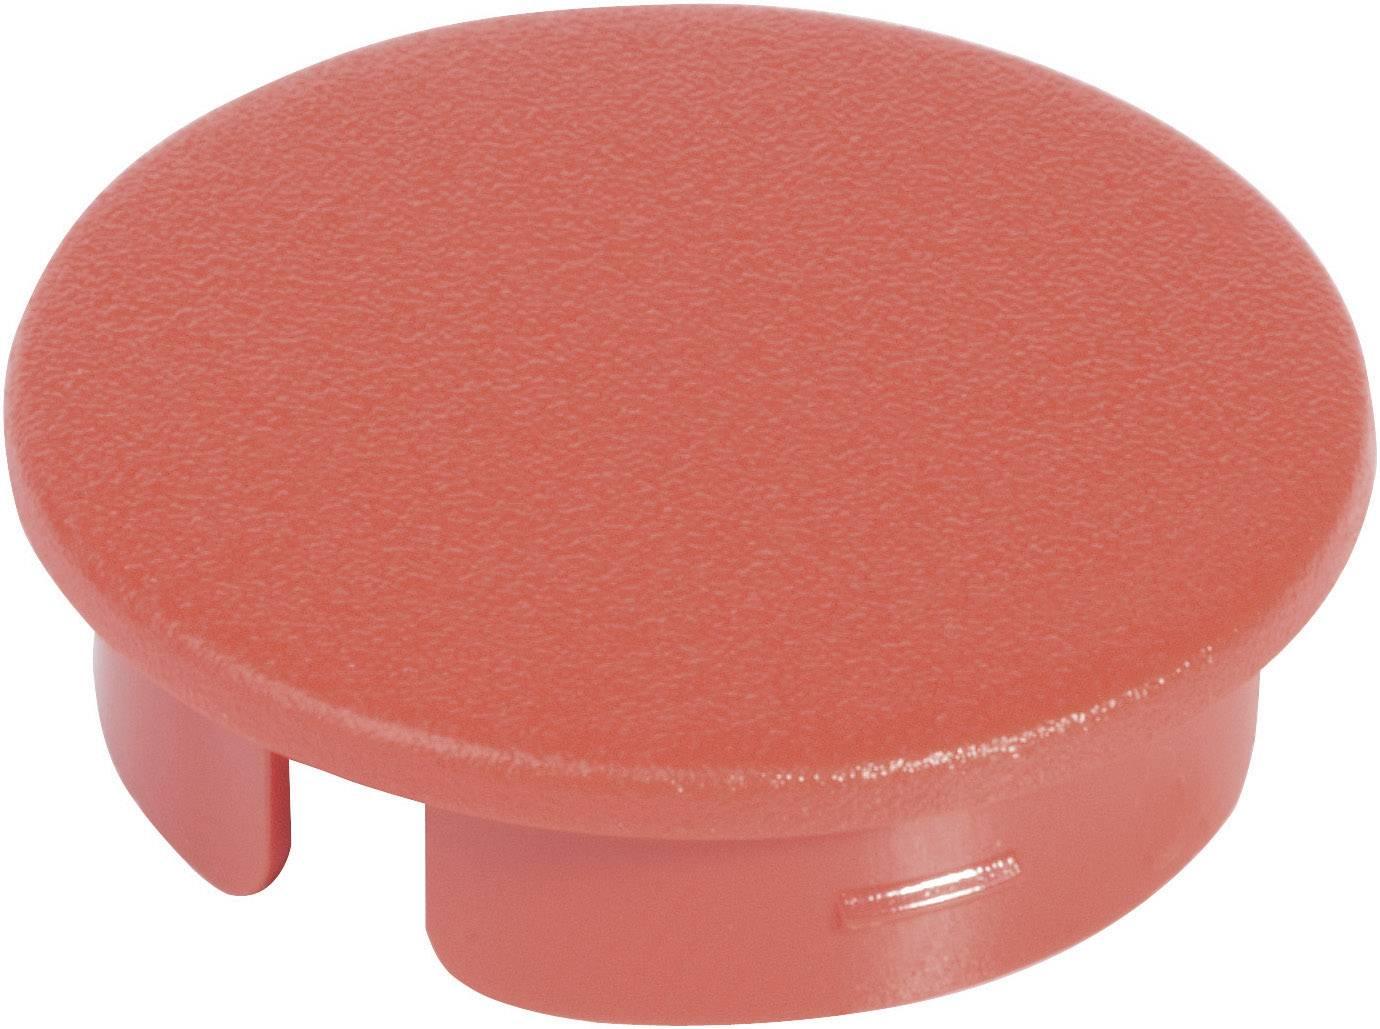 Krytka na otočný knoflík s ukazatelem OKW, pro knoflíky/O 13,5 mm, červená